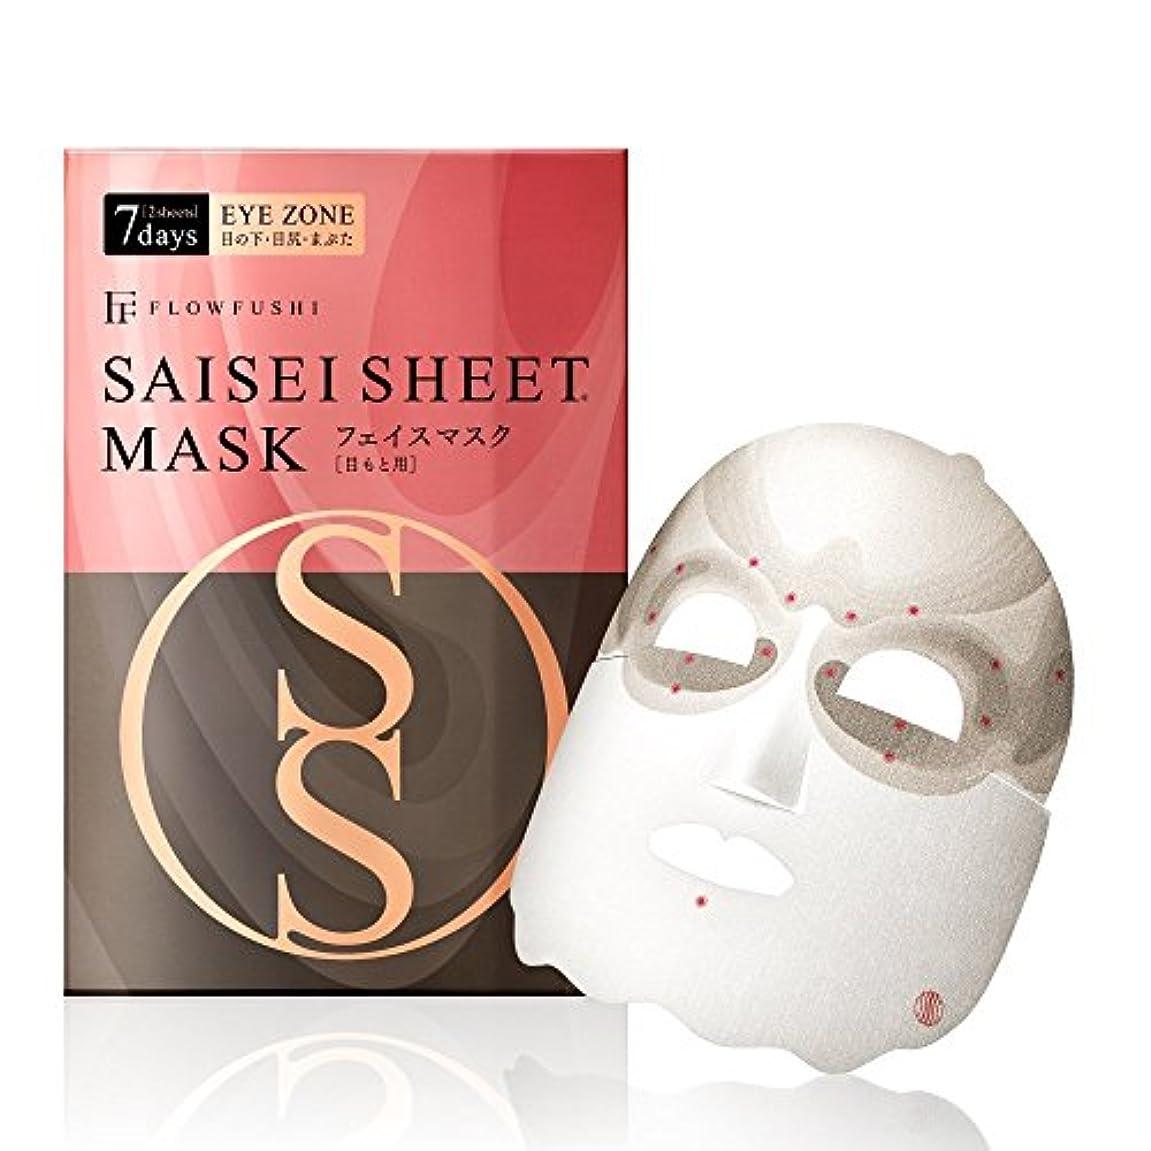 拡声器アミューズメント招待SAISEIシート マスク [目もと用] 7days 2sheets